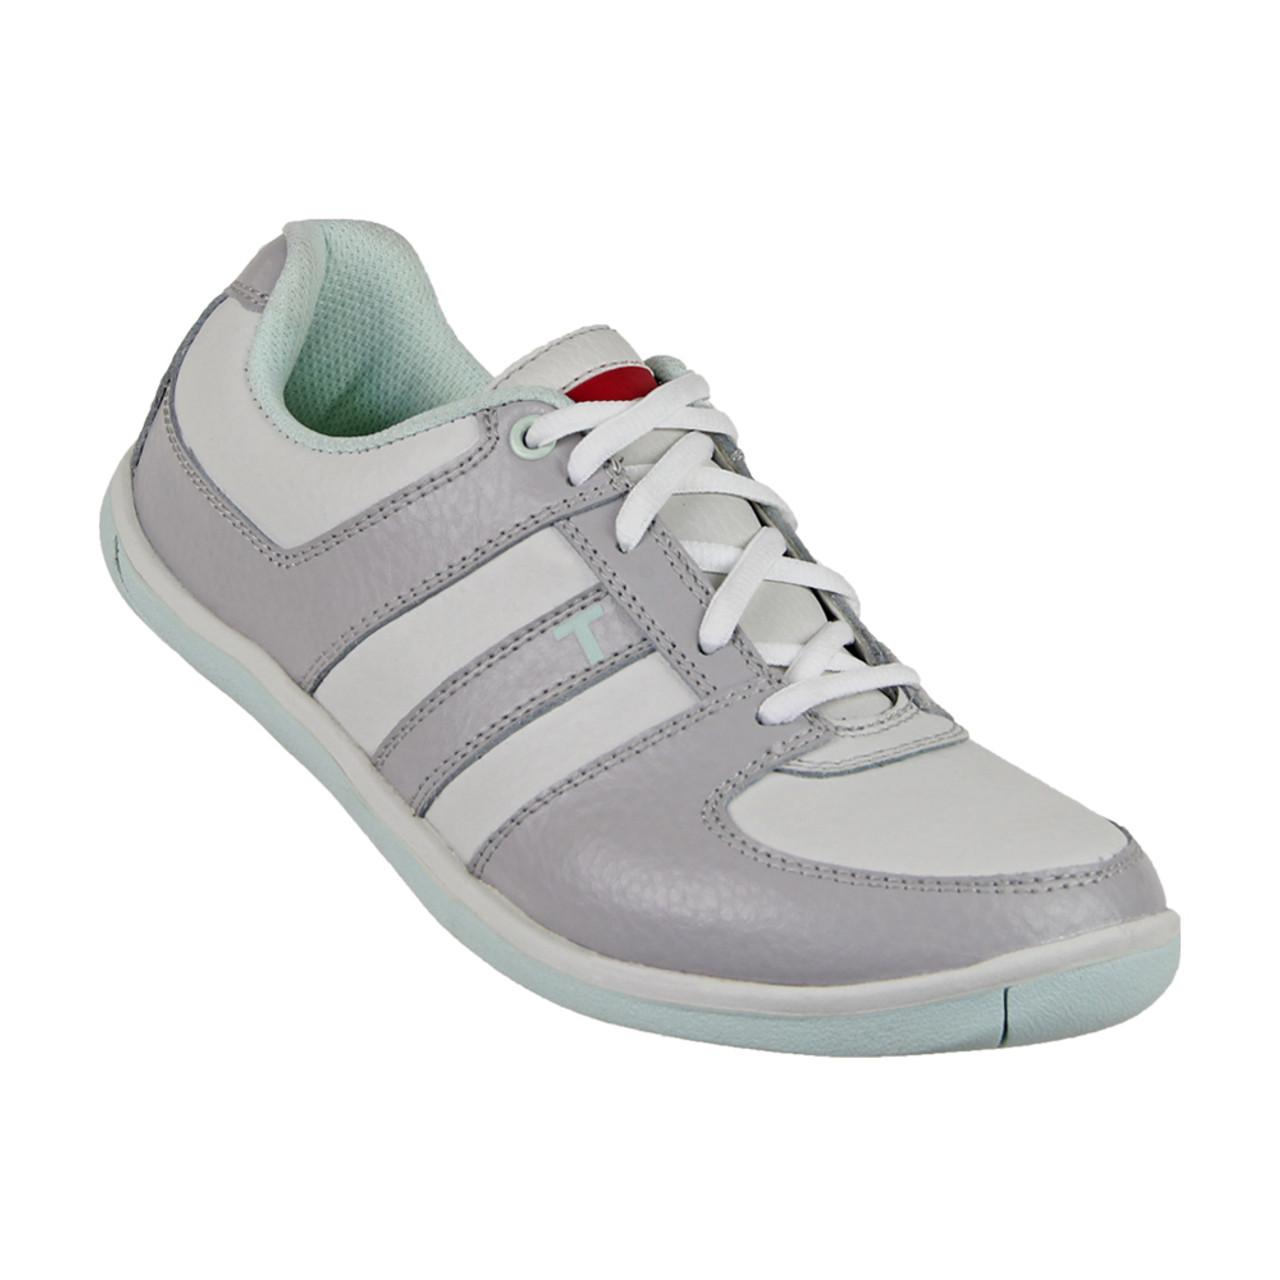 True Linkswear Scottsdale Women s Golf Shoes - White Grey Mint 5e7c98d4e